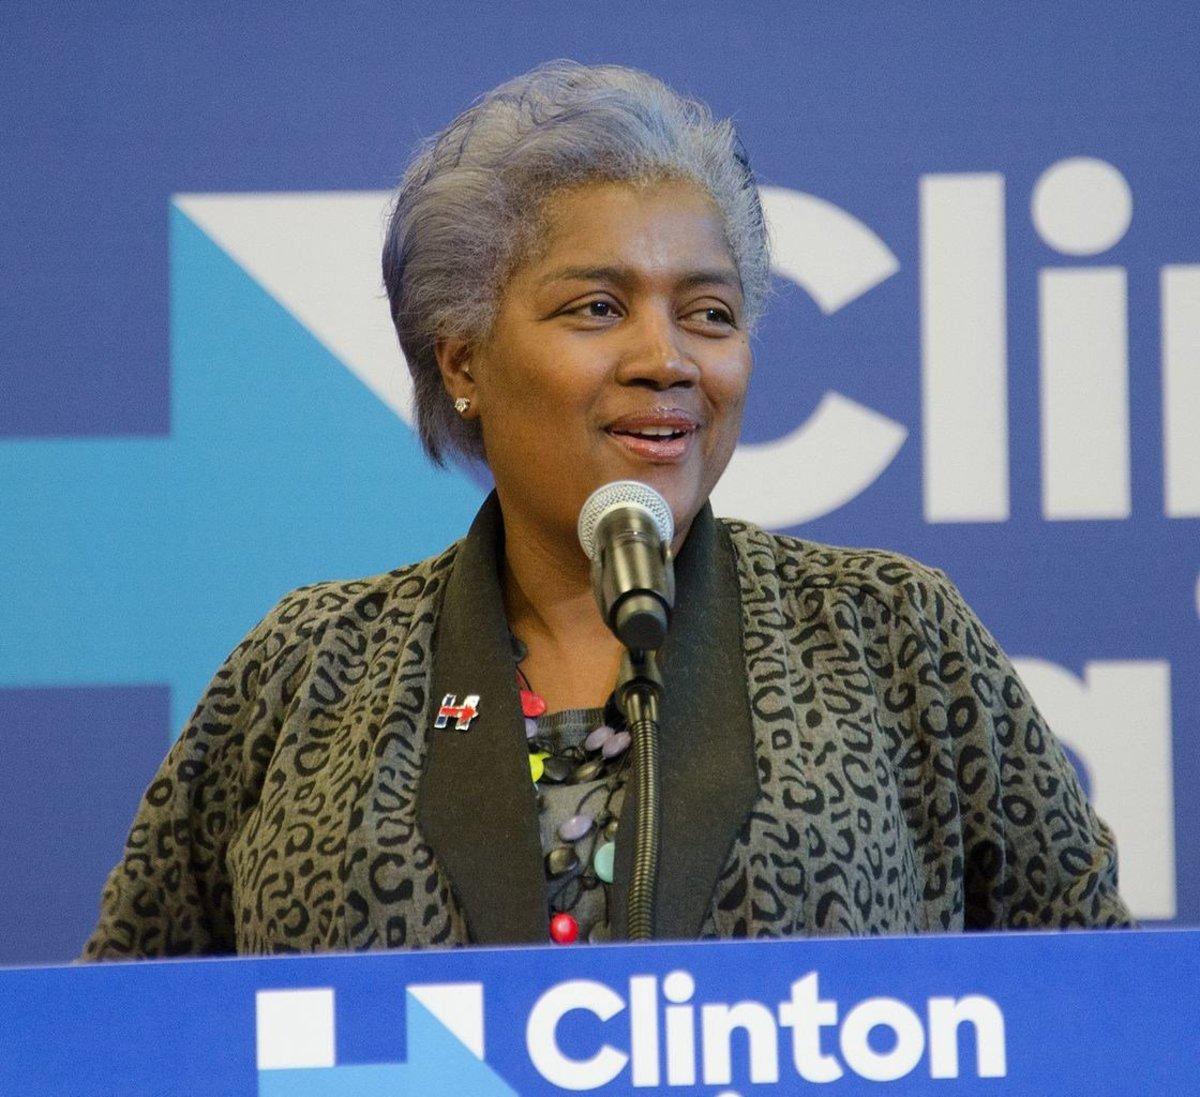 Brazile: Clinton Campaign Was A Cult Promo Image